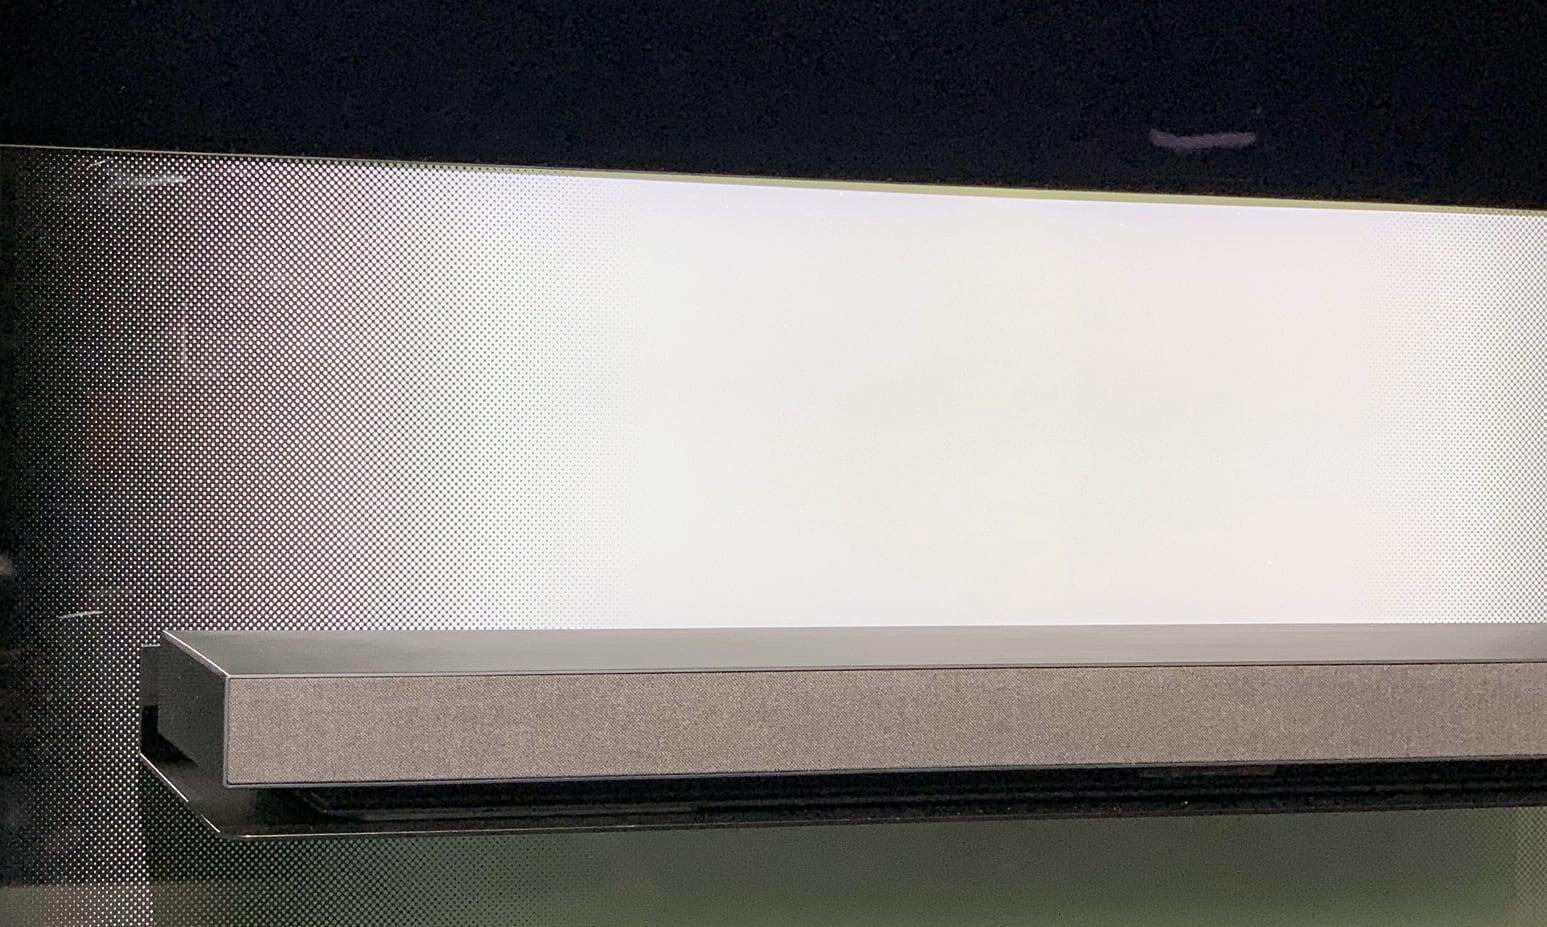 LG 2020 WX wallpaper OLED